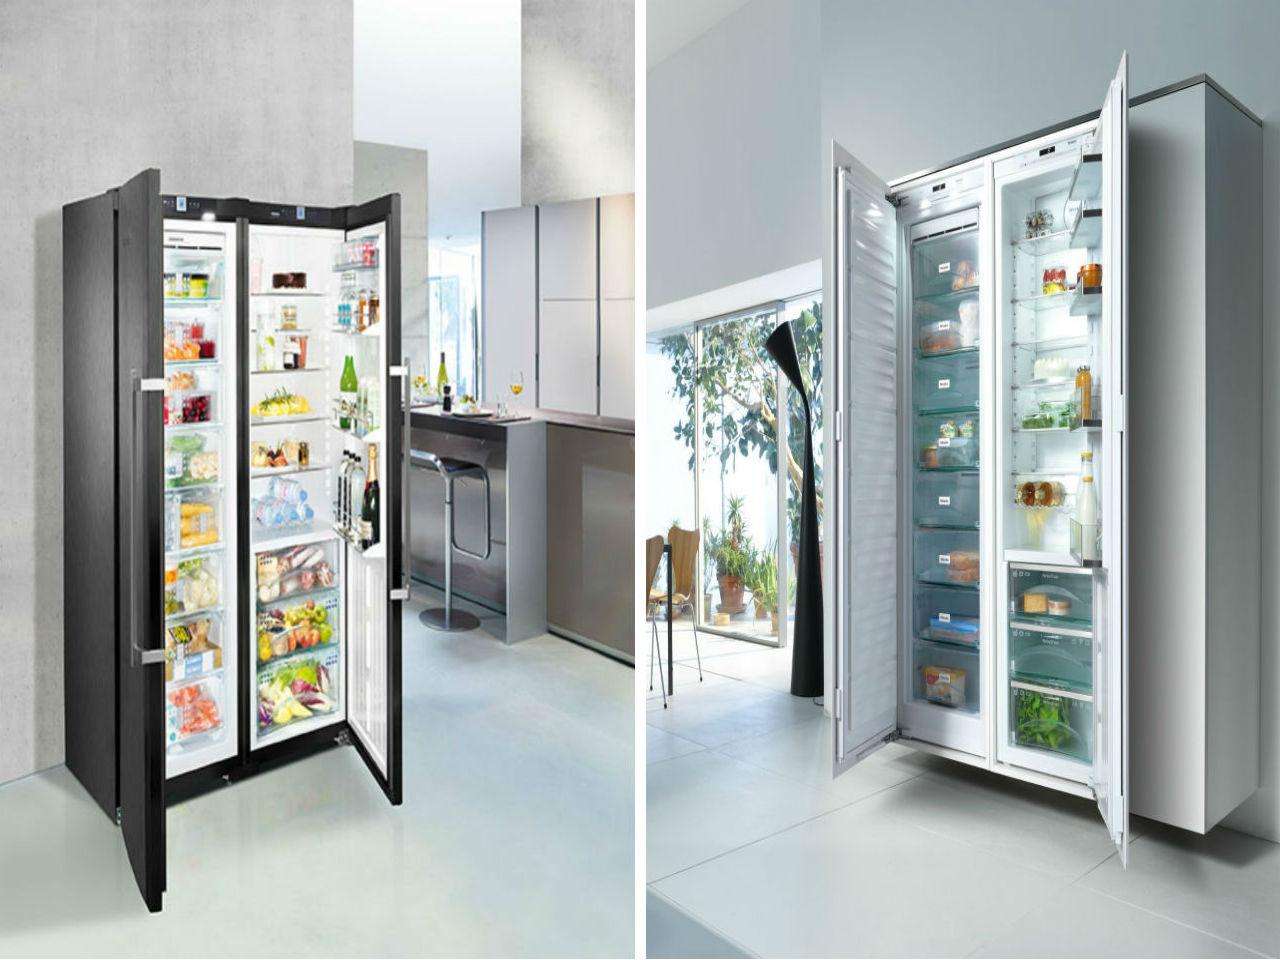 Links: Black-Steel-Kühlschrank von Liebherr. Rechts: Kühlgerät der Generation K 30.000 von Miele. Quellen: http://www.liebherr.com, http://www.miele.at